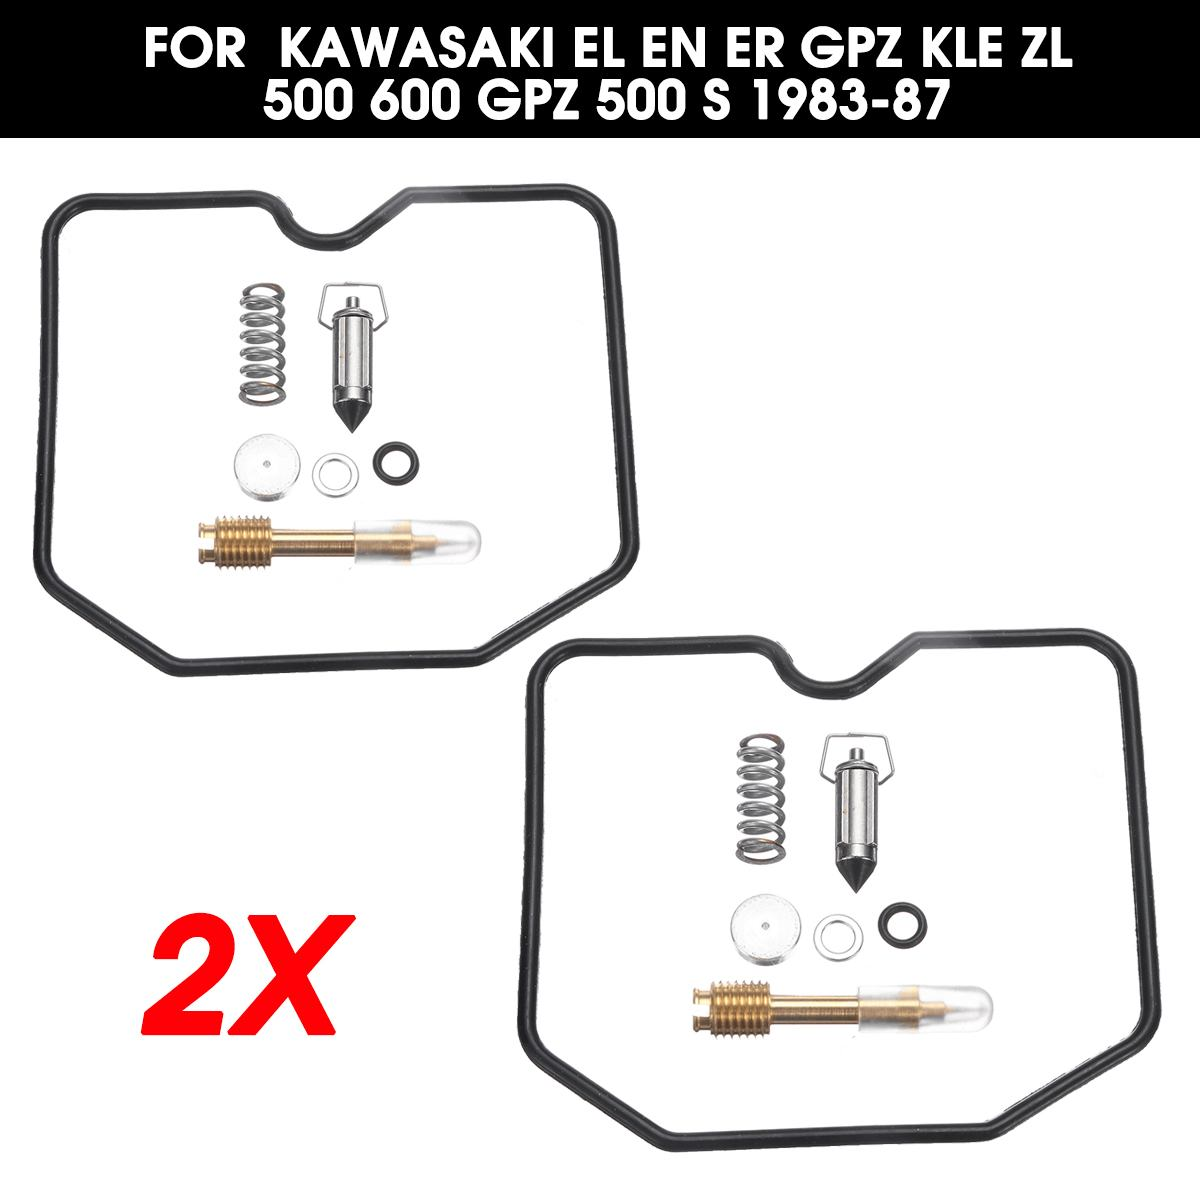 Autoleader 2x moto carburateur reconstruire Kits réparation changement outils pour Kawasaki EL EN ER GPZ KLE ZL 500 600 GPZ 500 S 1983-87